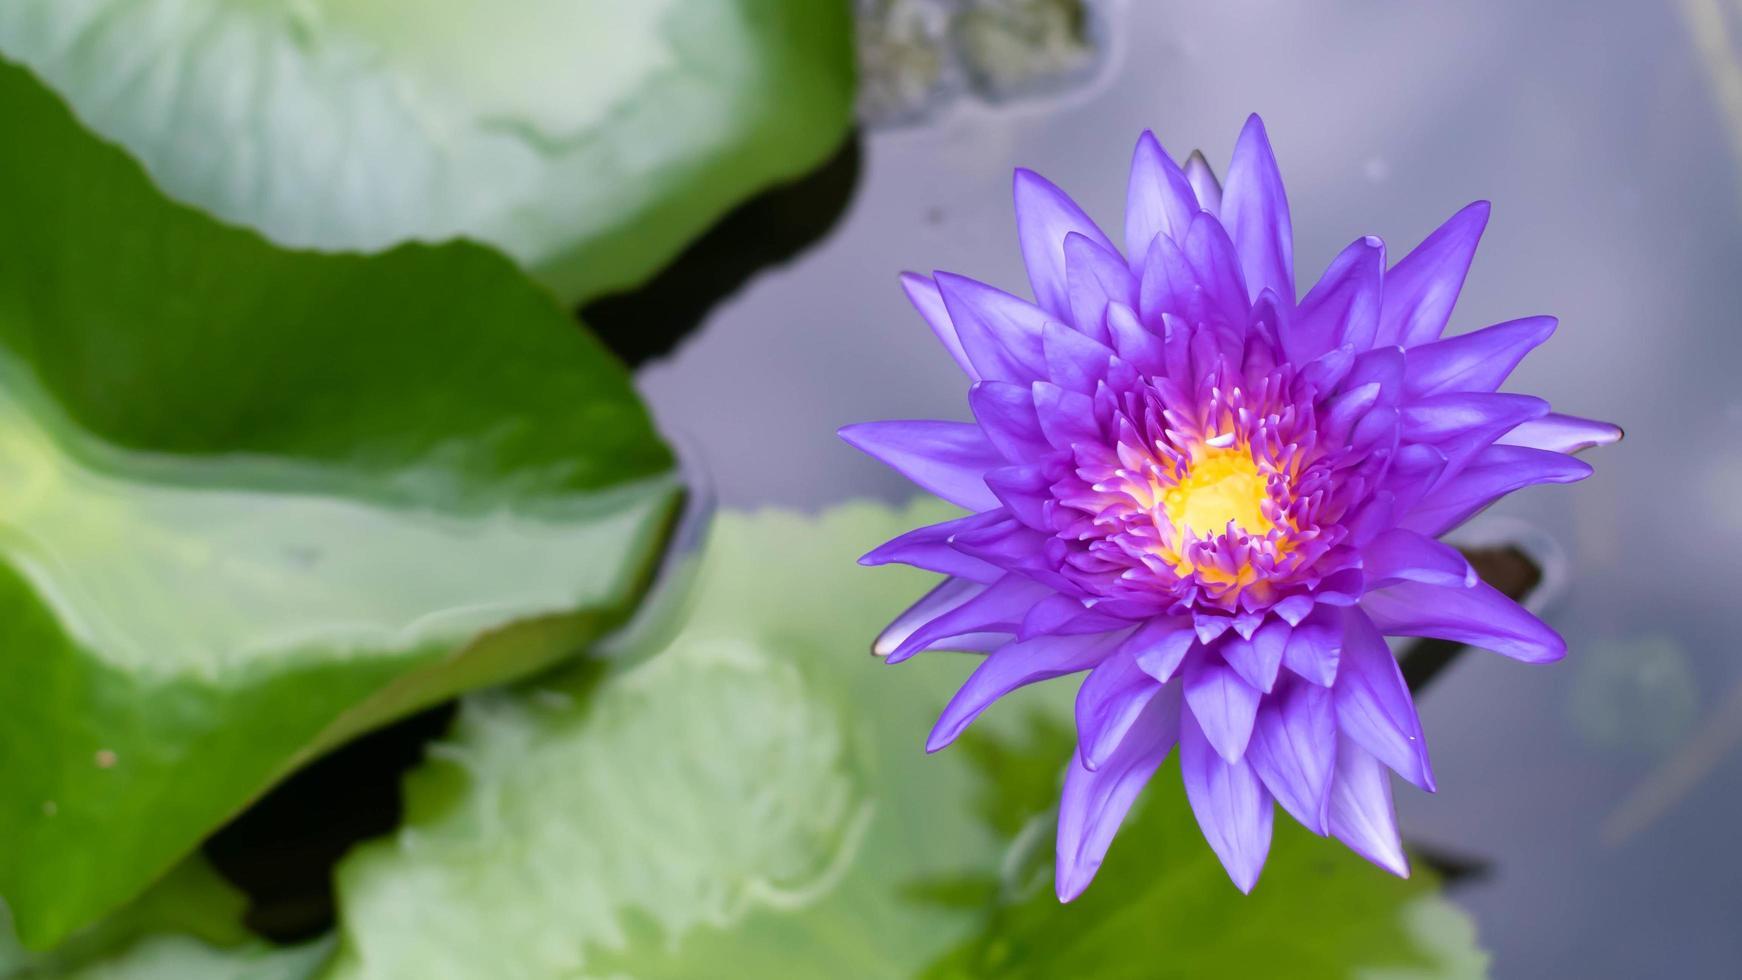 violetter Lotus blüht im Teich. hellviolette Lotusblumen im Teich. foto